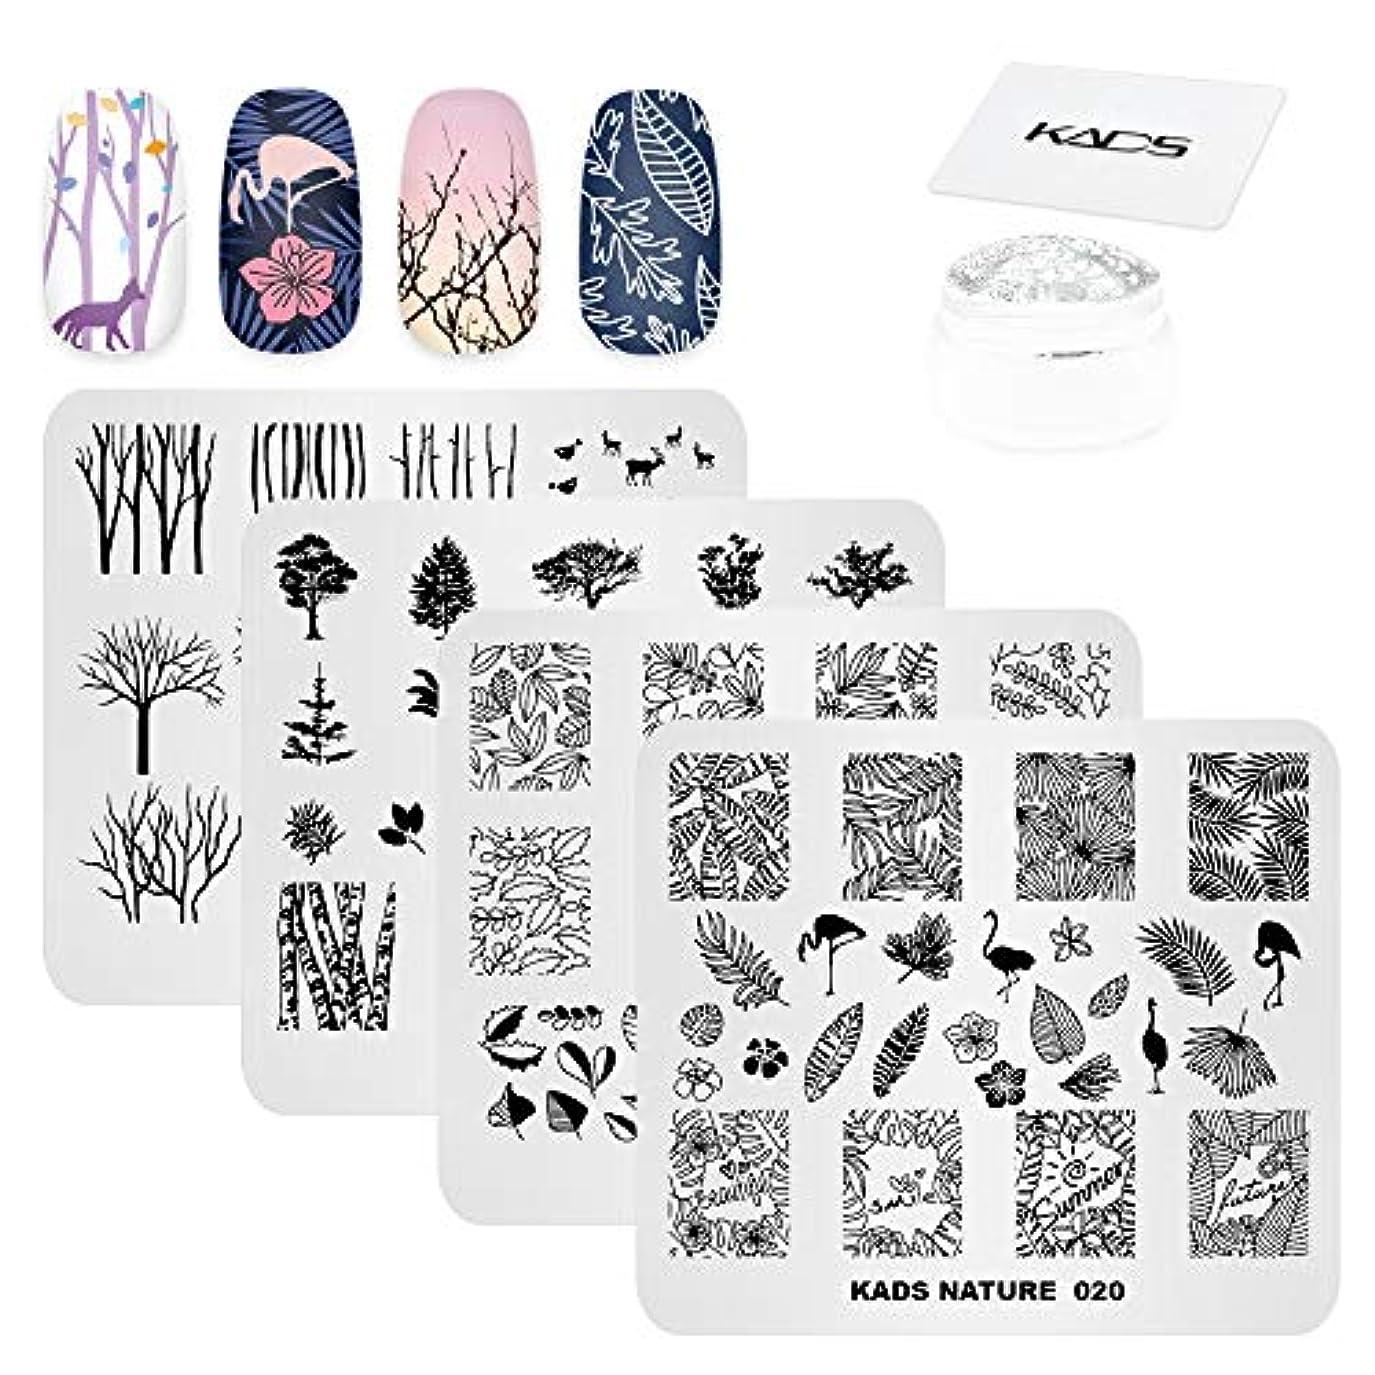 めったに絵おばあさんKADS ネイルスタンププレートセット(4枚プレート+1スタンプ+スクレーパー) 可愛いフラミンゴ/キツネ 美しい花柄/樹木 ナチュラル系 ネイルイメージプレート(セット2)